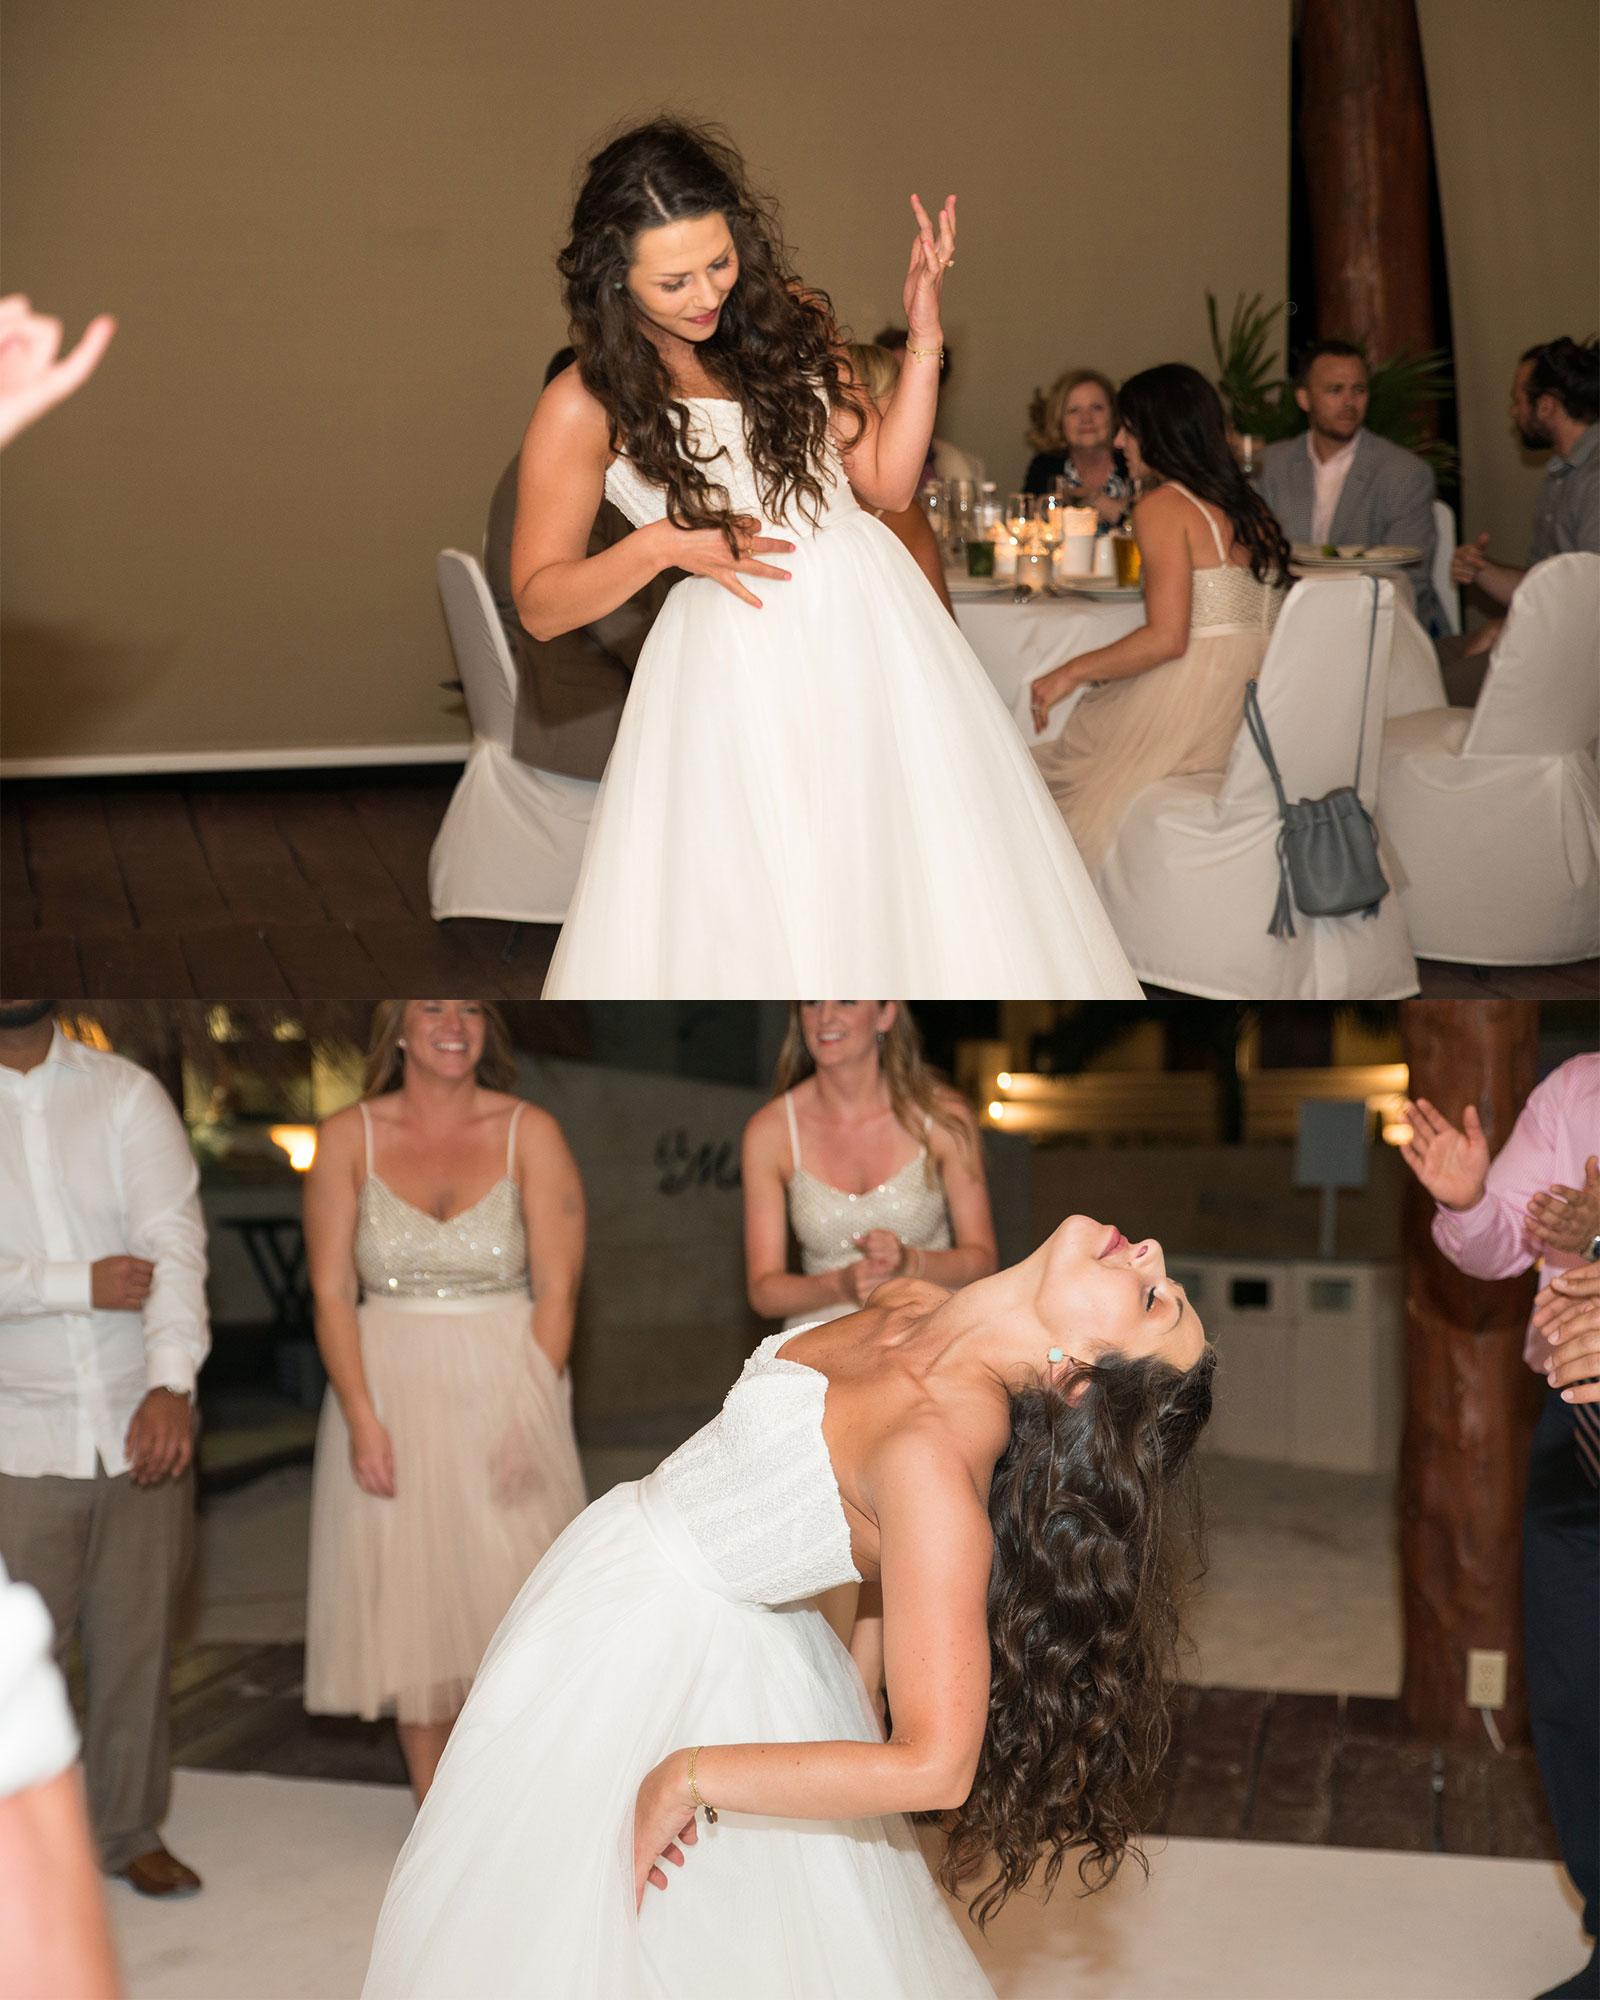 Bridal separates, dancing bride, epic electric guitar, Watters Ashan skirt and Carina corset.